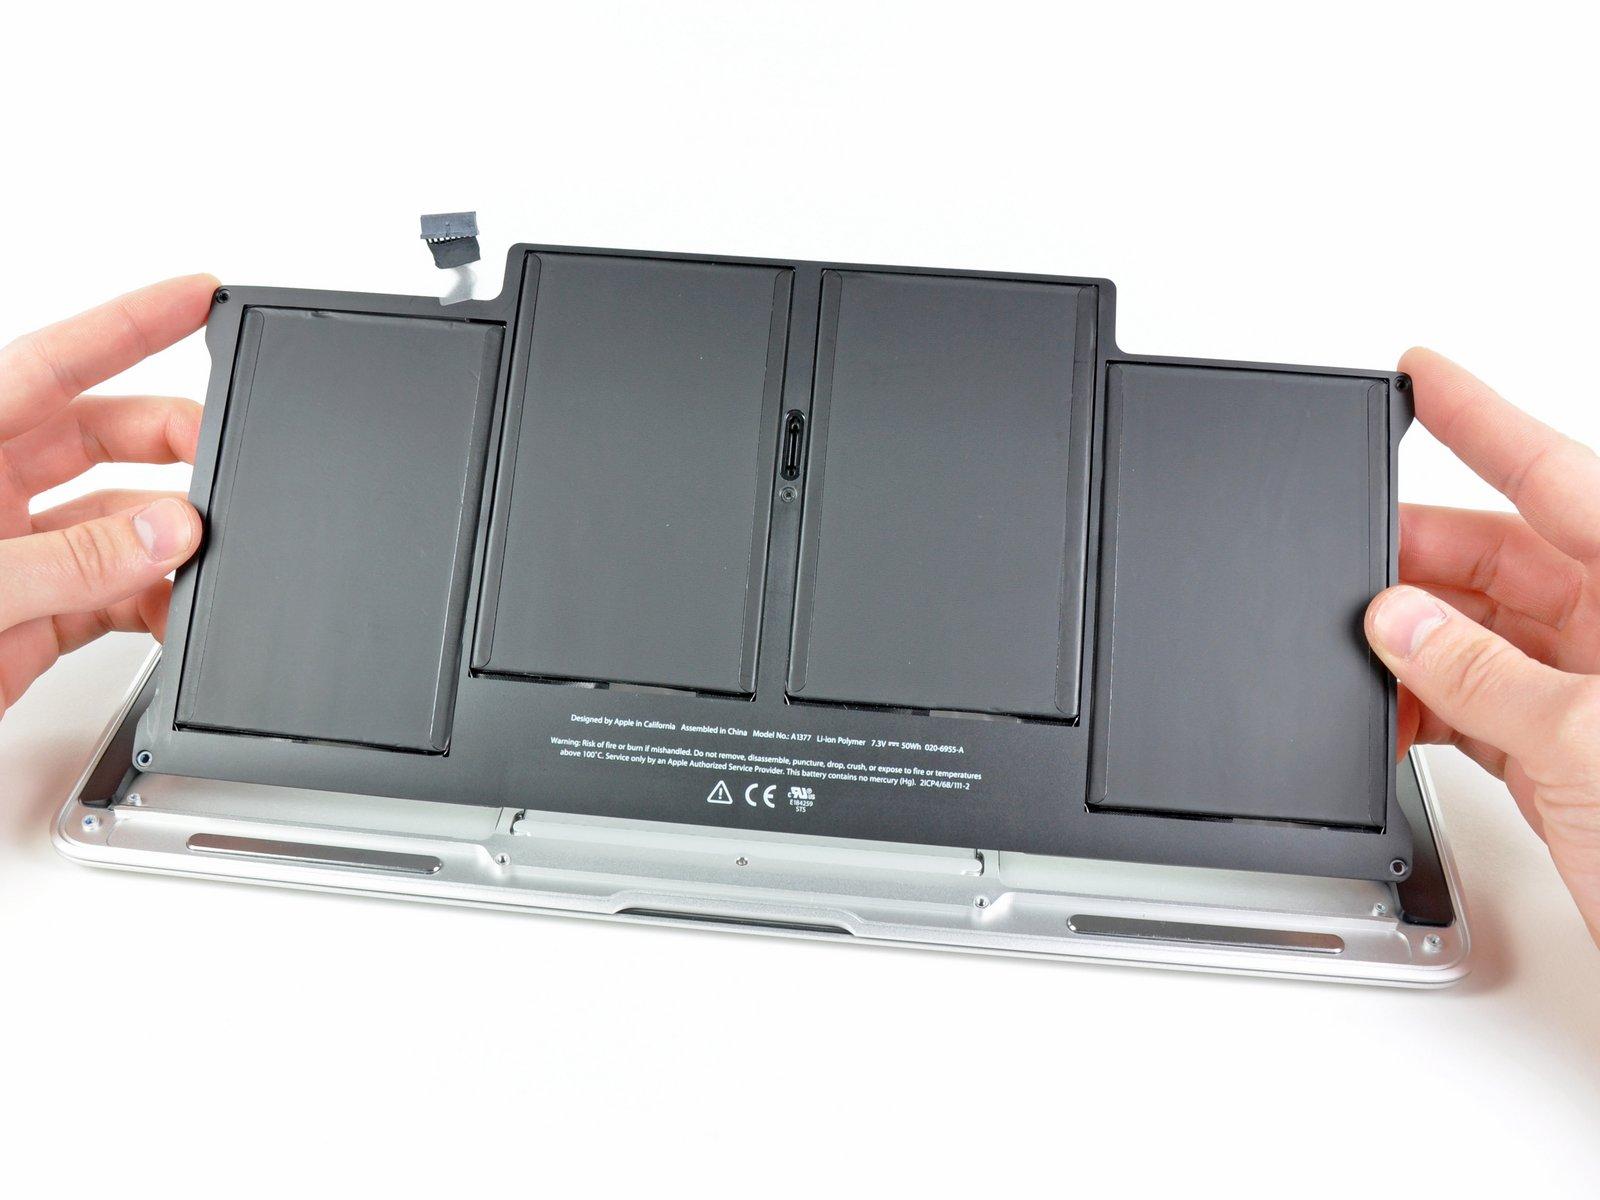 pin macbook air A1369 - A1405